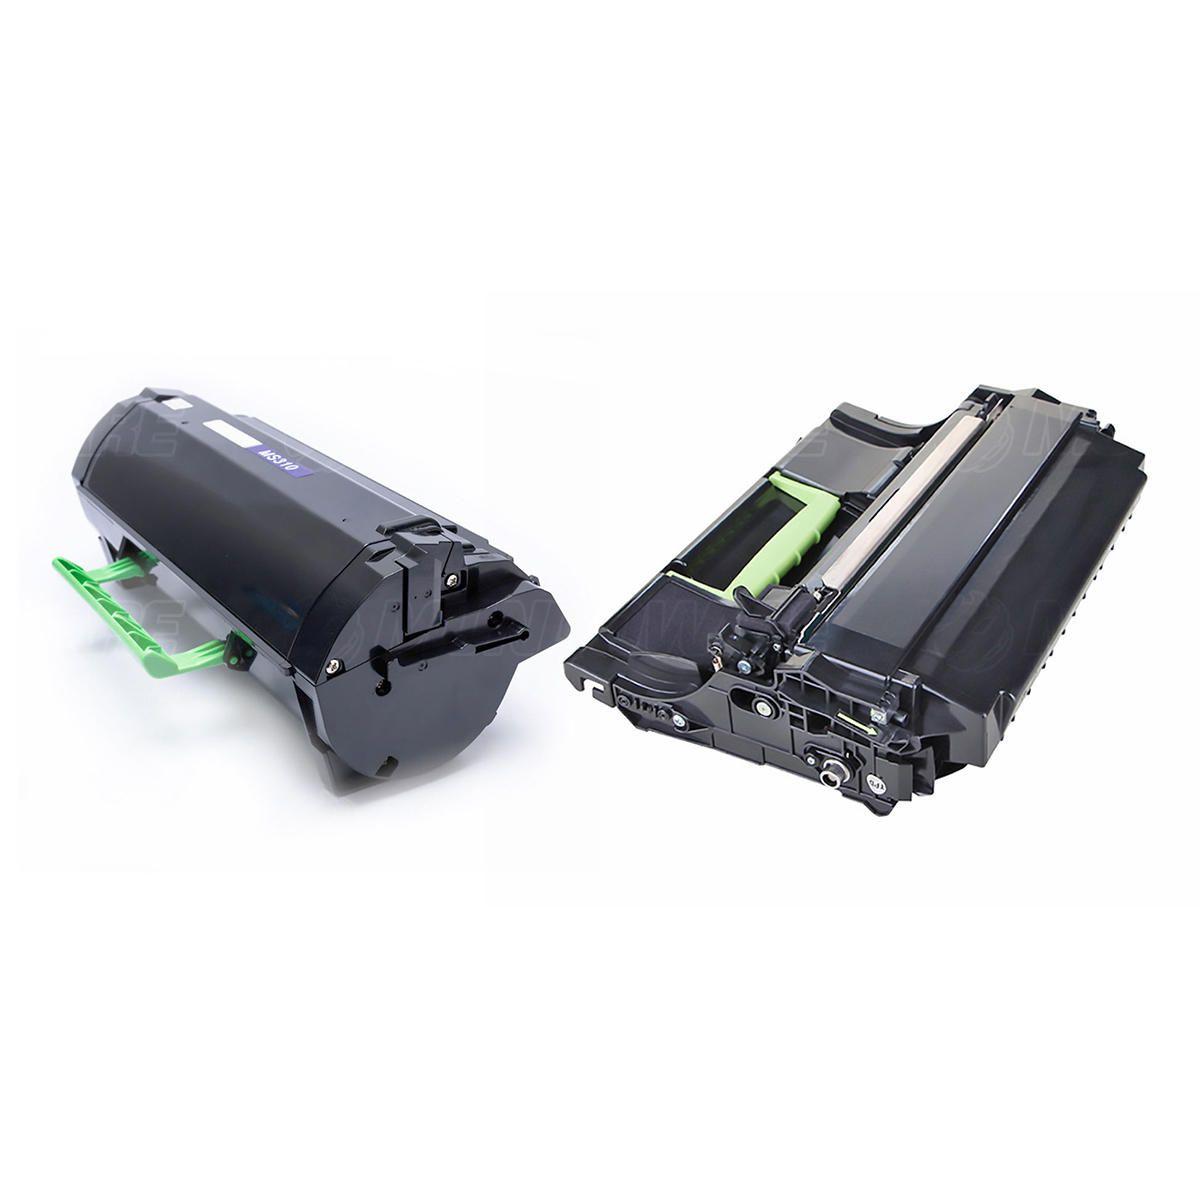 Compatível: Combo Fotocondutor + Toner para Lexmark MS310 MS410 MS510 MS610 MS415 MS310dn MS410dn MS510dn MS610dtn